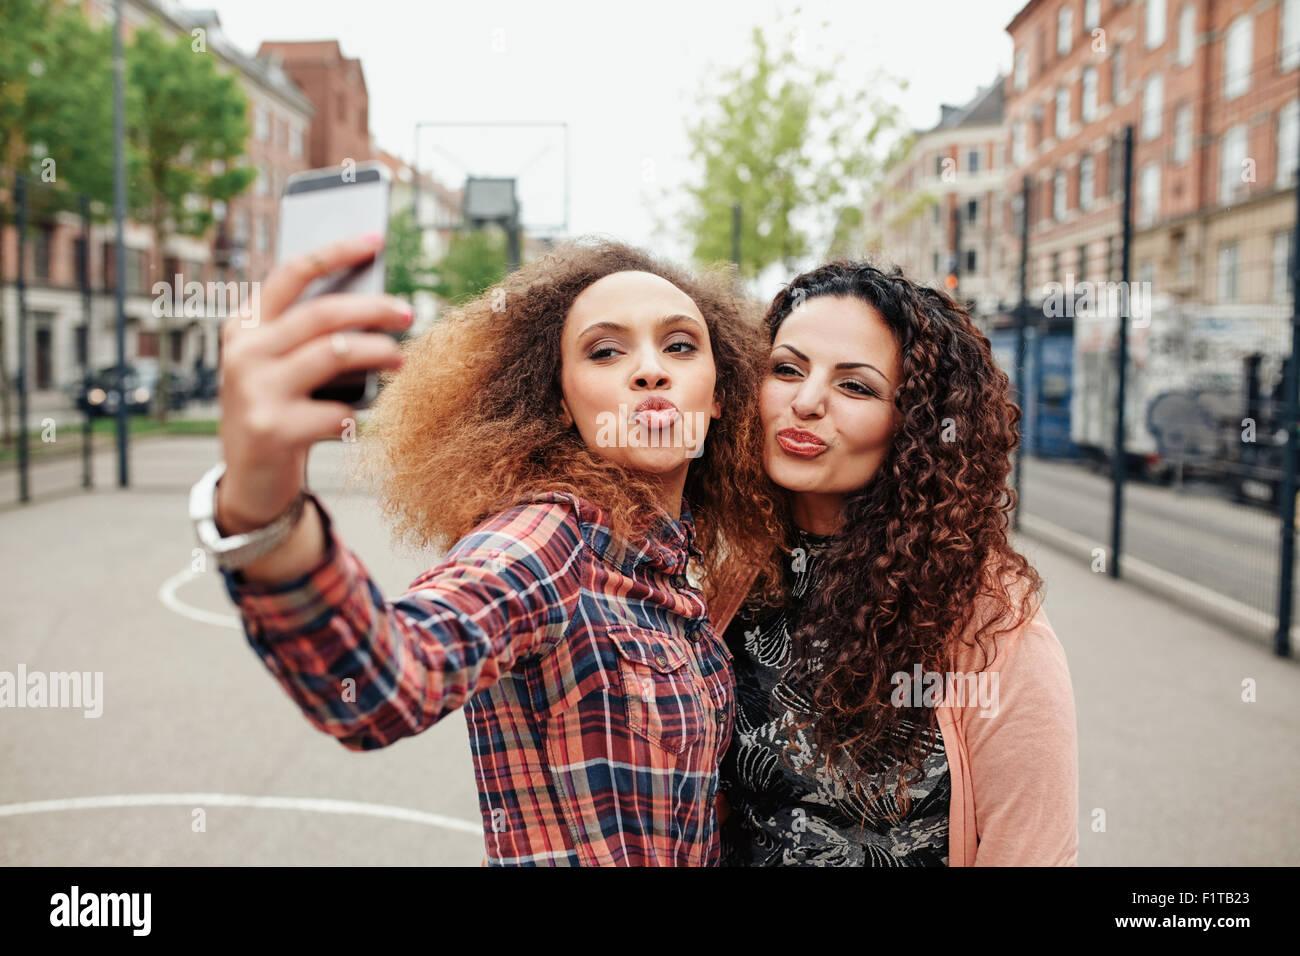 Felice di ragazze giovani pout e posare per un selfie. Ragazza giovane amici prendendo un autoritratto usando il Immagini Stock